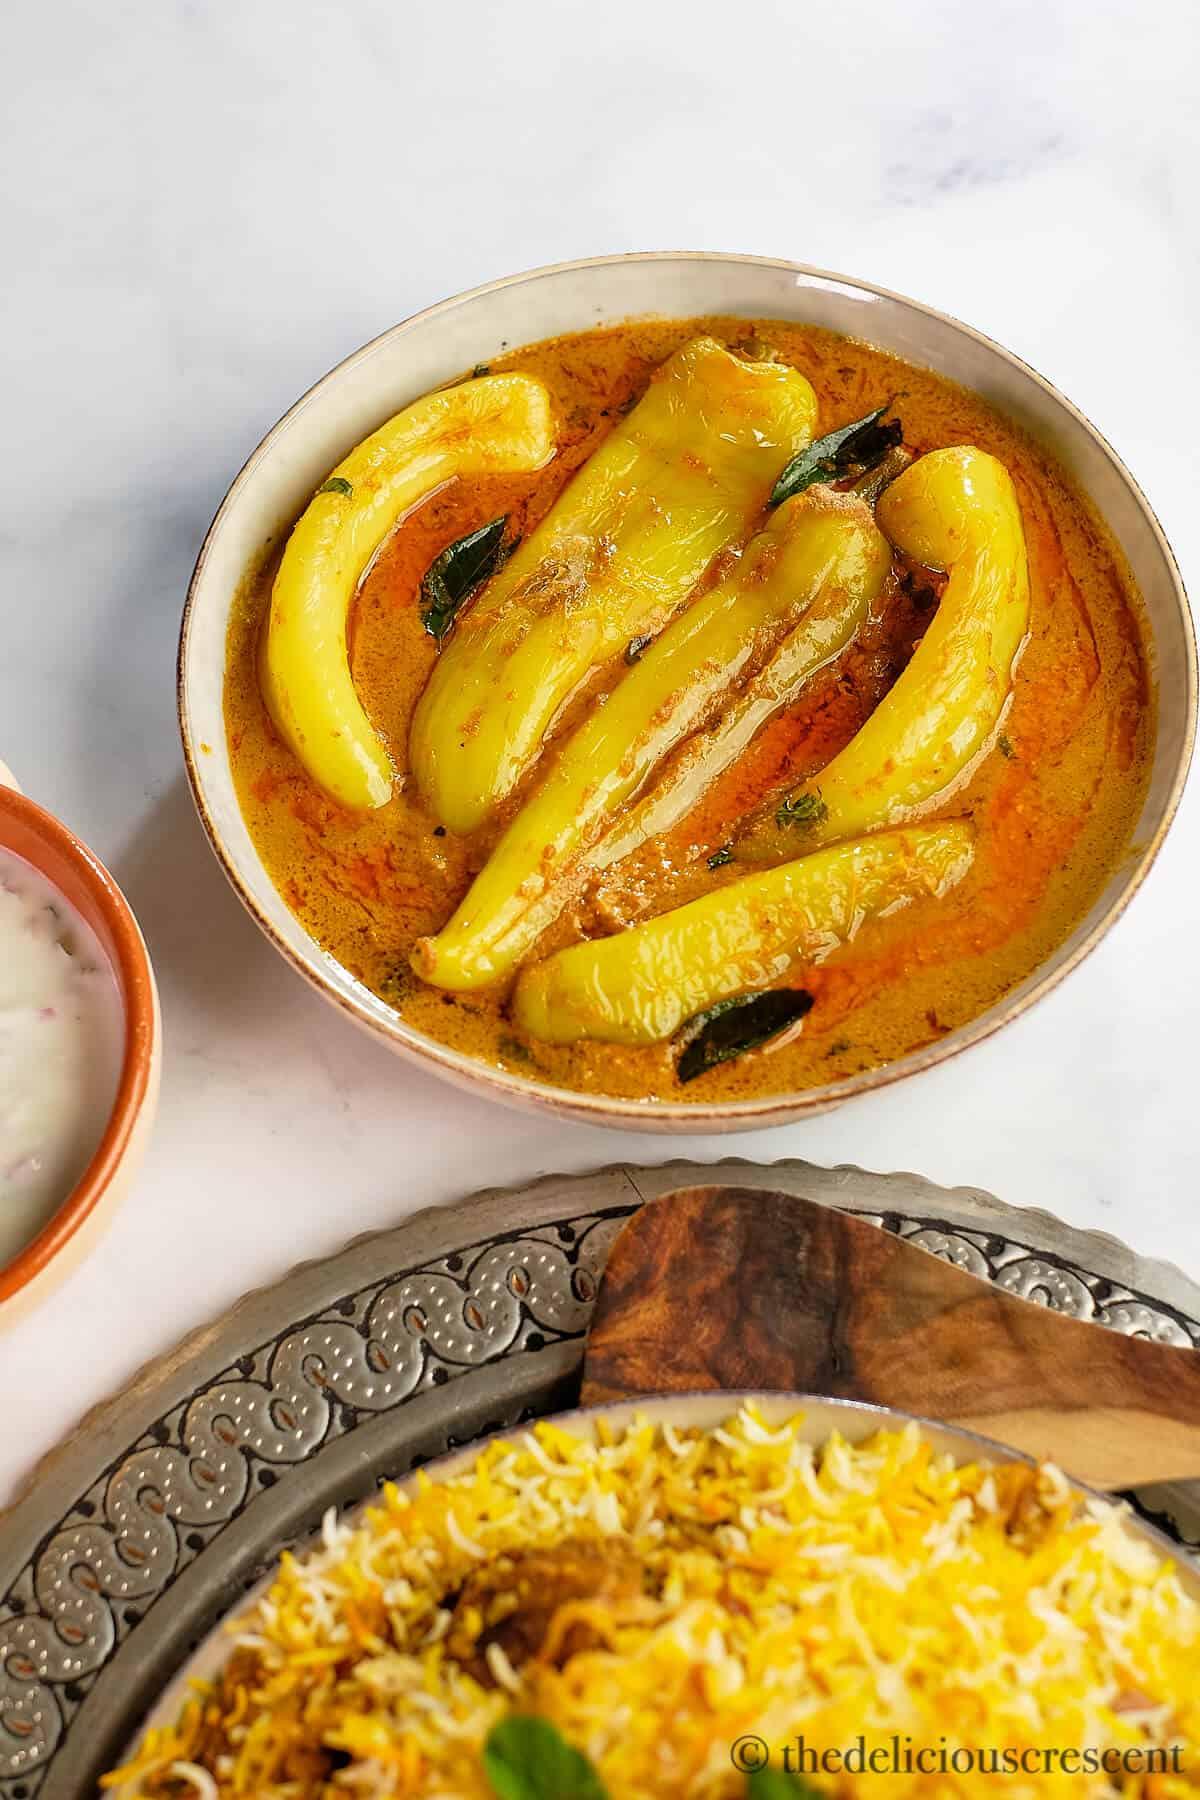 Mirchi ka salan served with biryani.